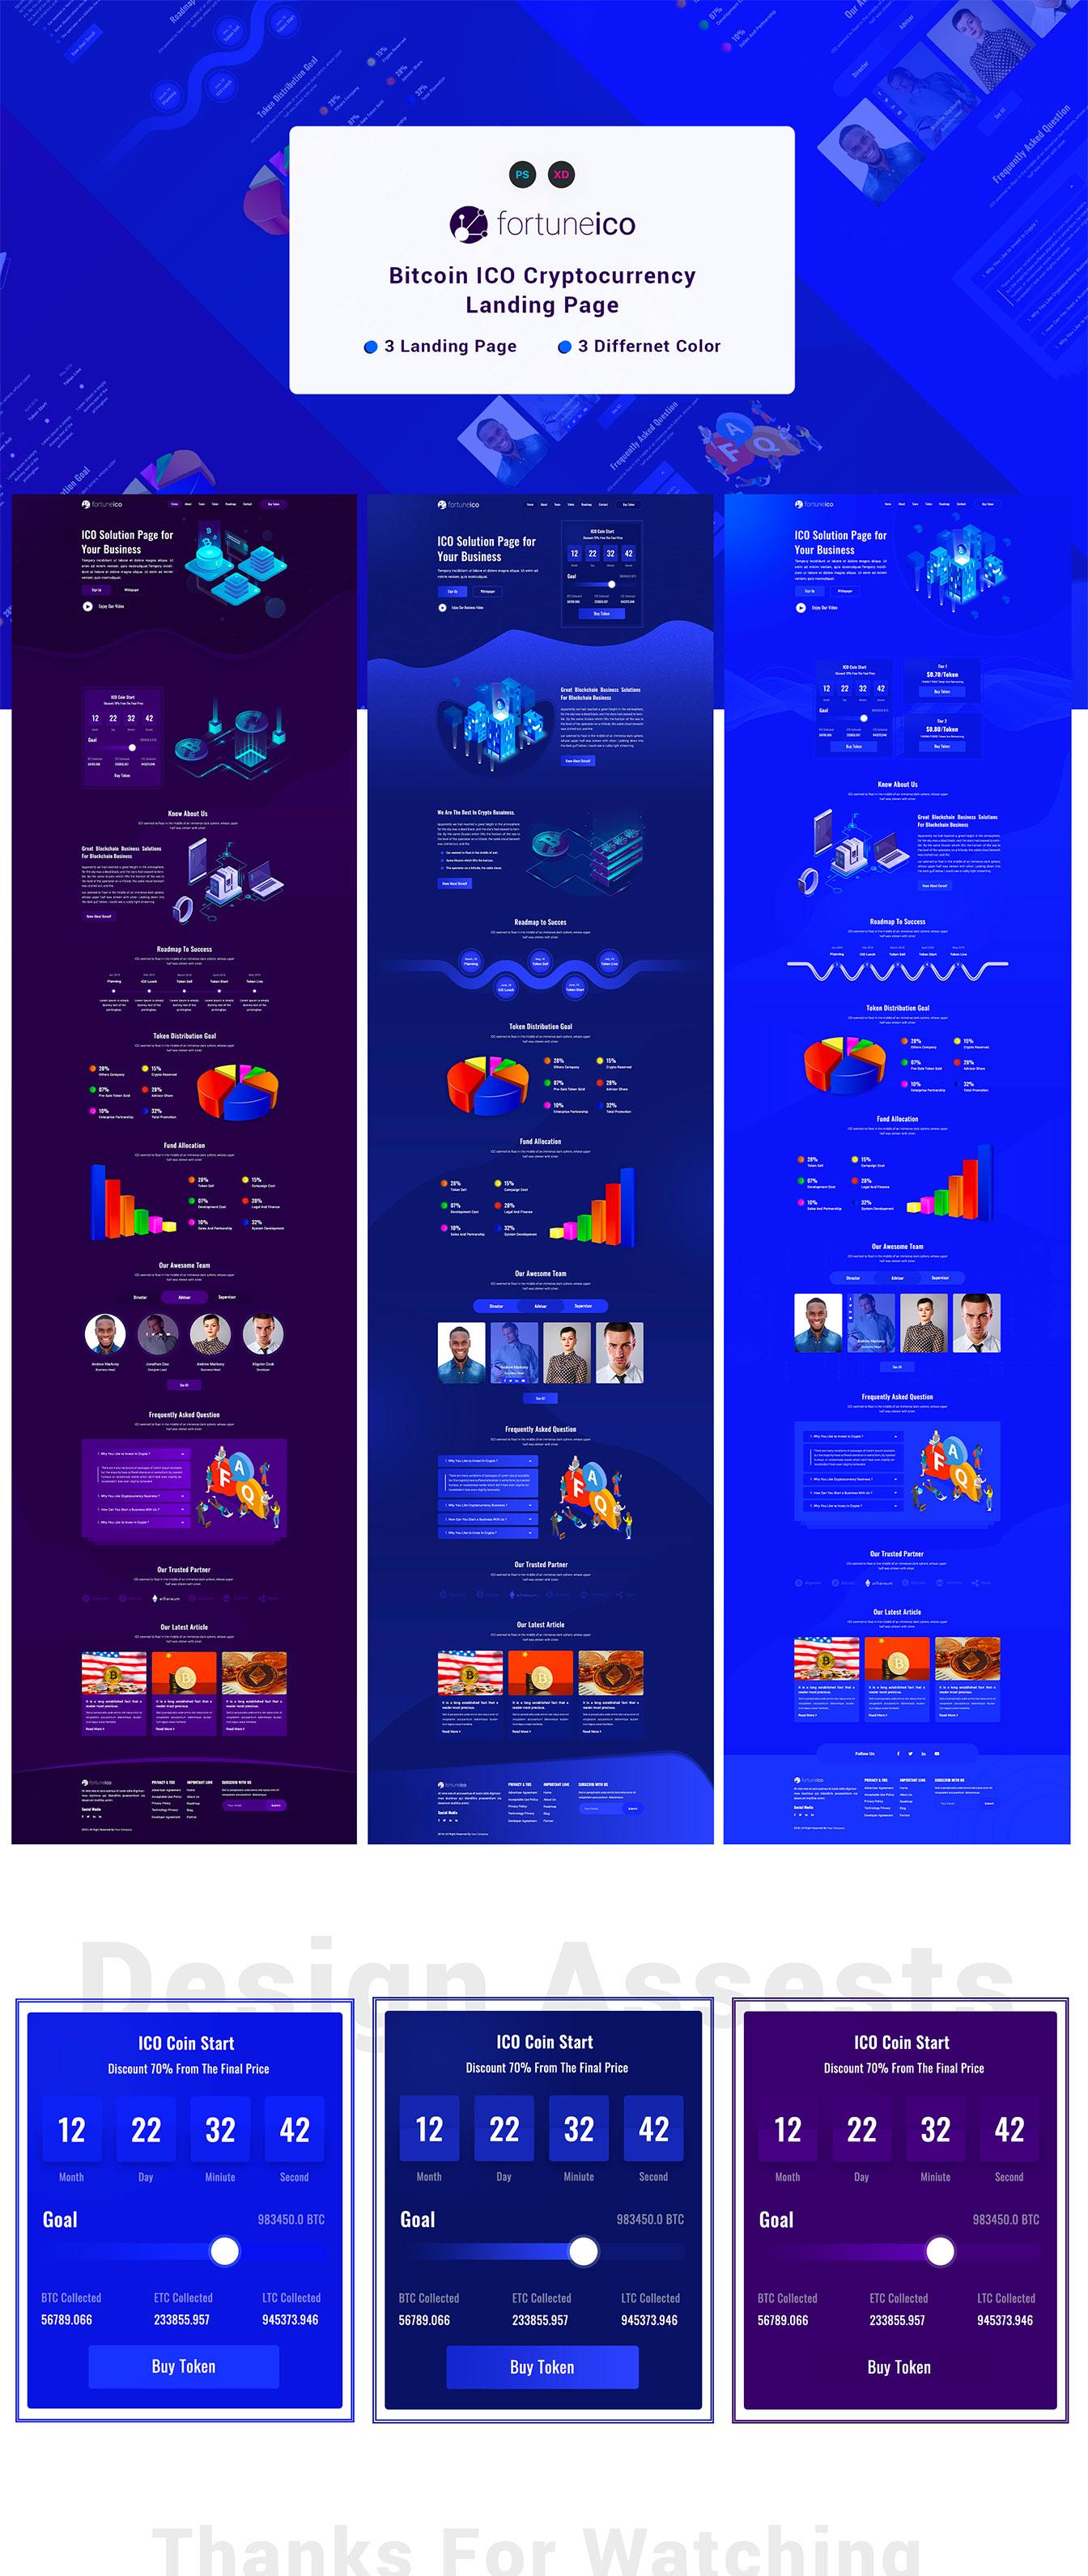 酷炫的加密货币数字货币区块链官网设计模板下载[PSD,XD] Fortune ICO Landing Page